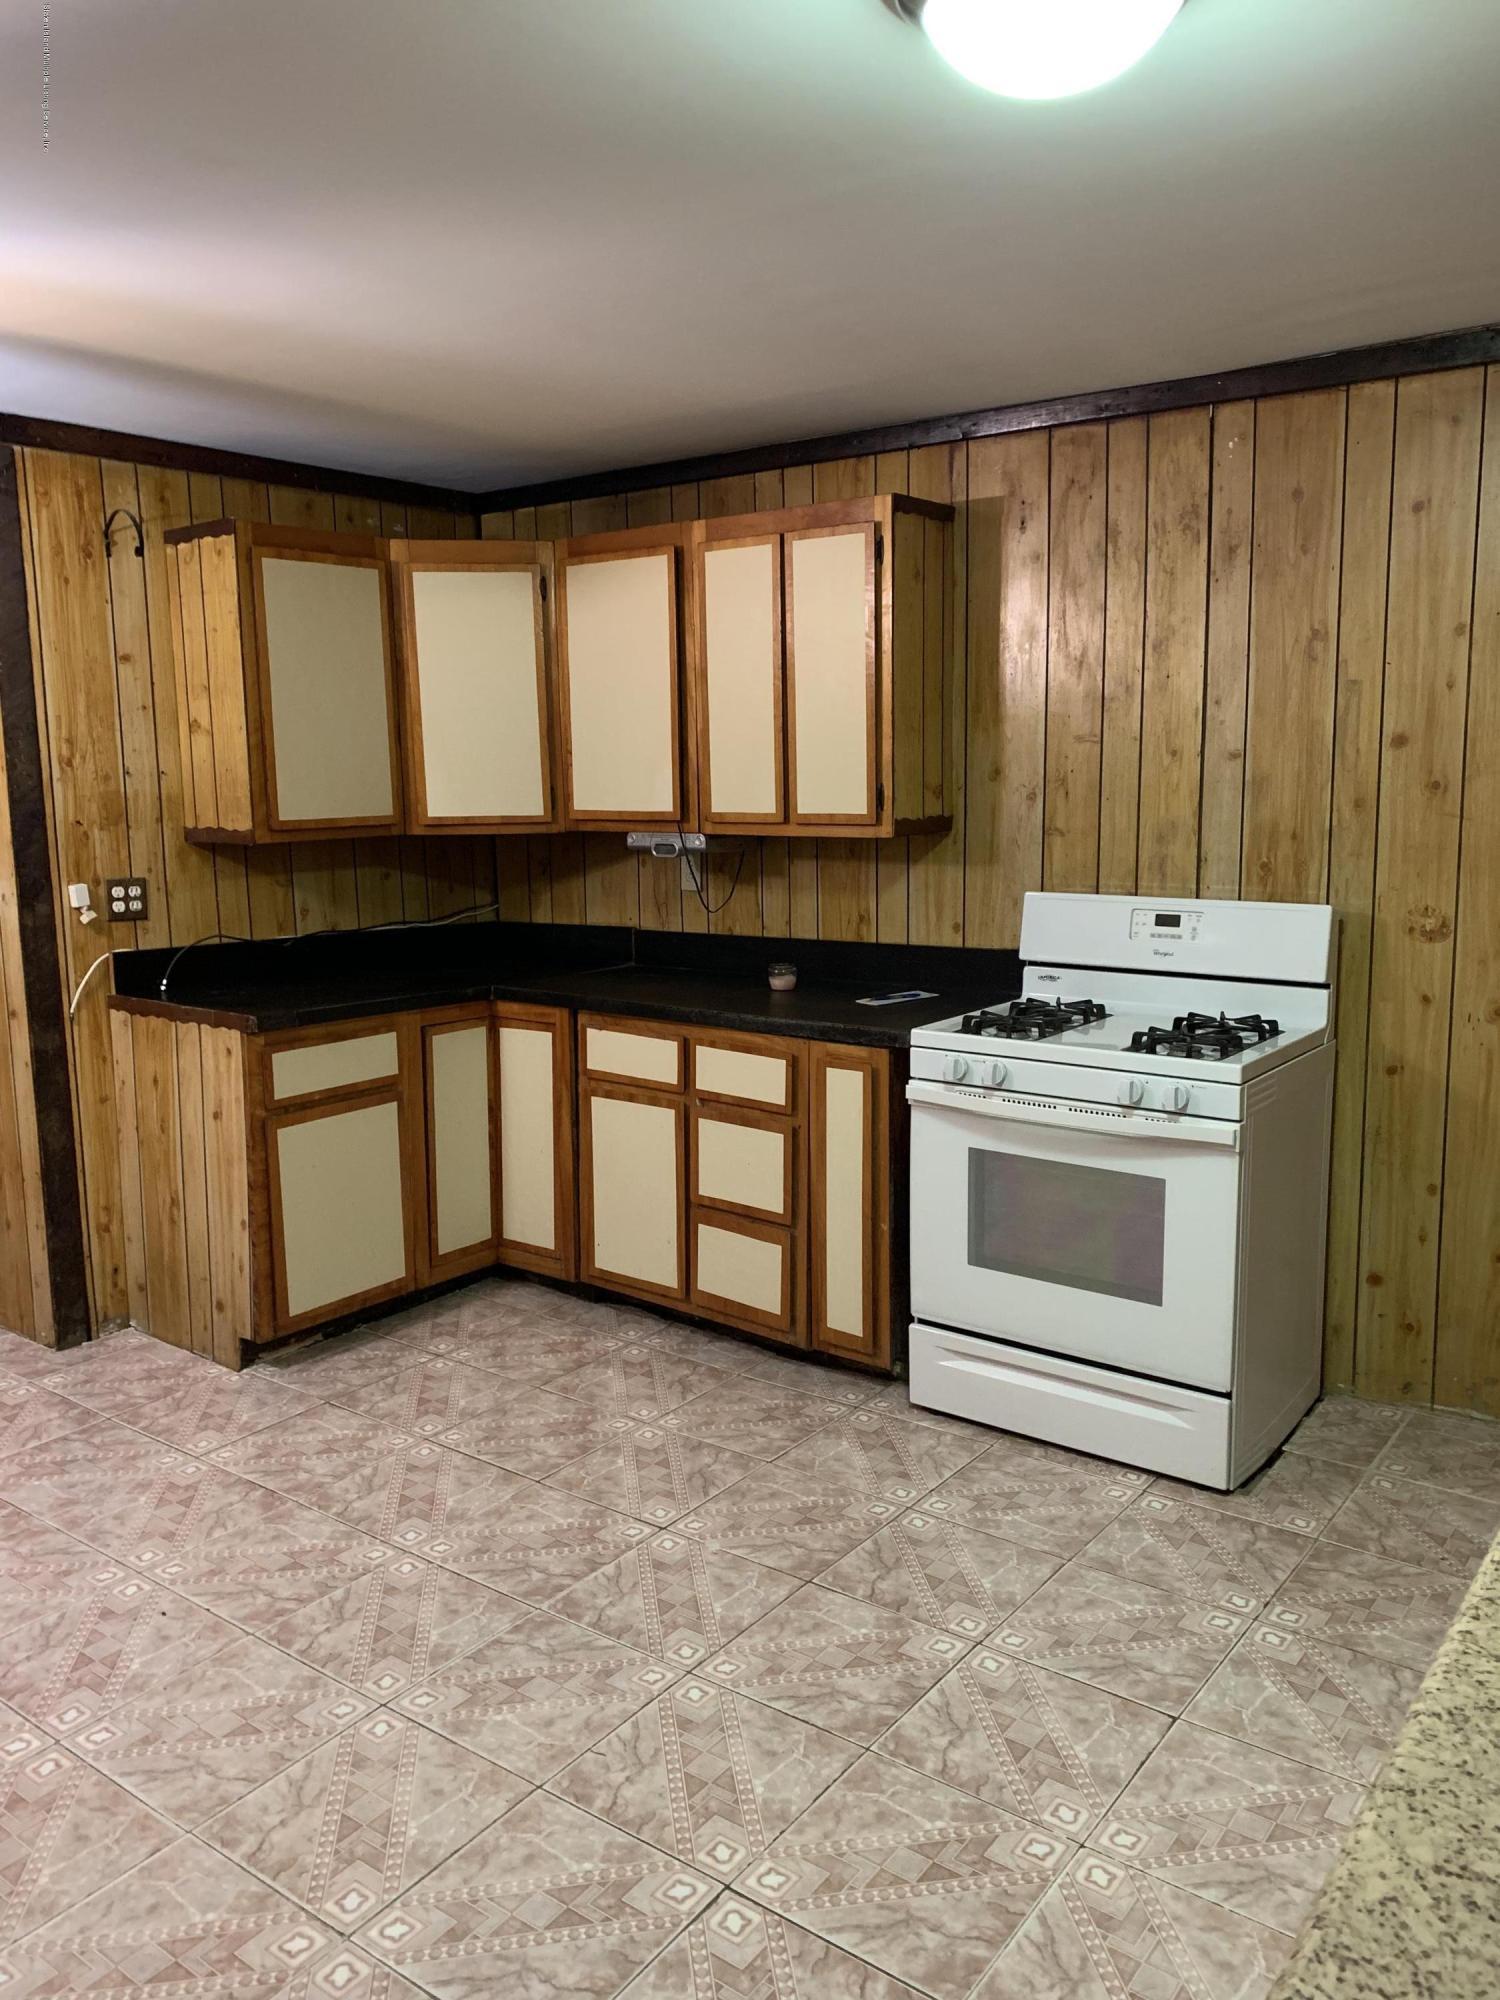 Single Family - Detached 152 Bay 53rd Street  Brooklyn, NY 11214, MLS-1125954-6